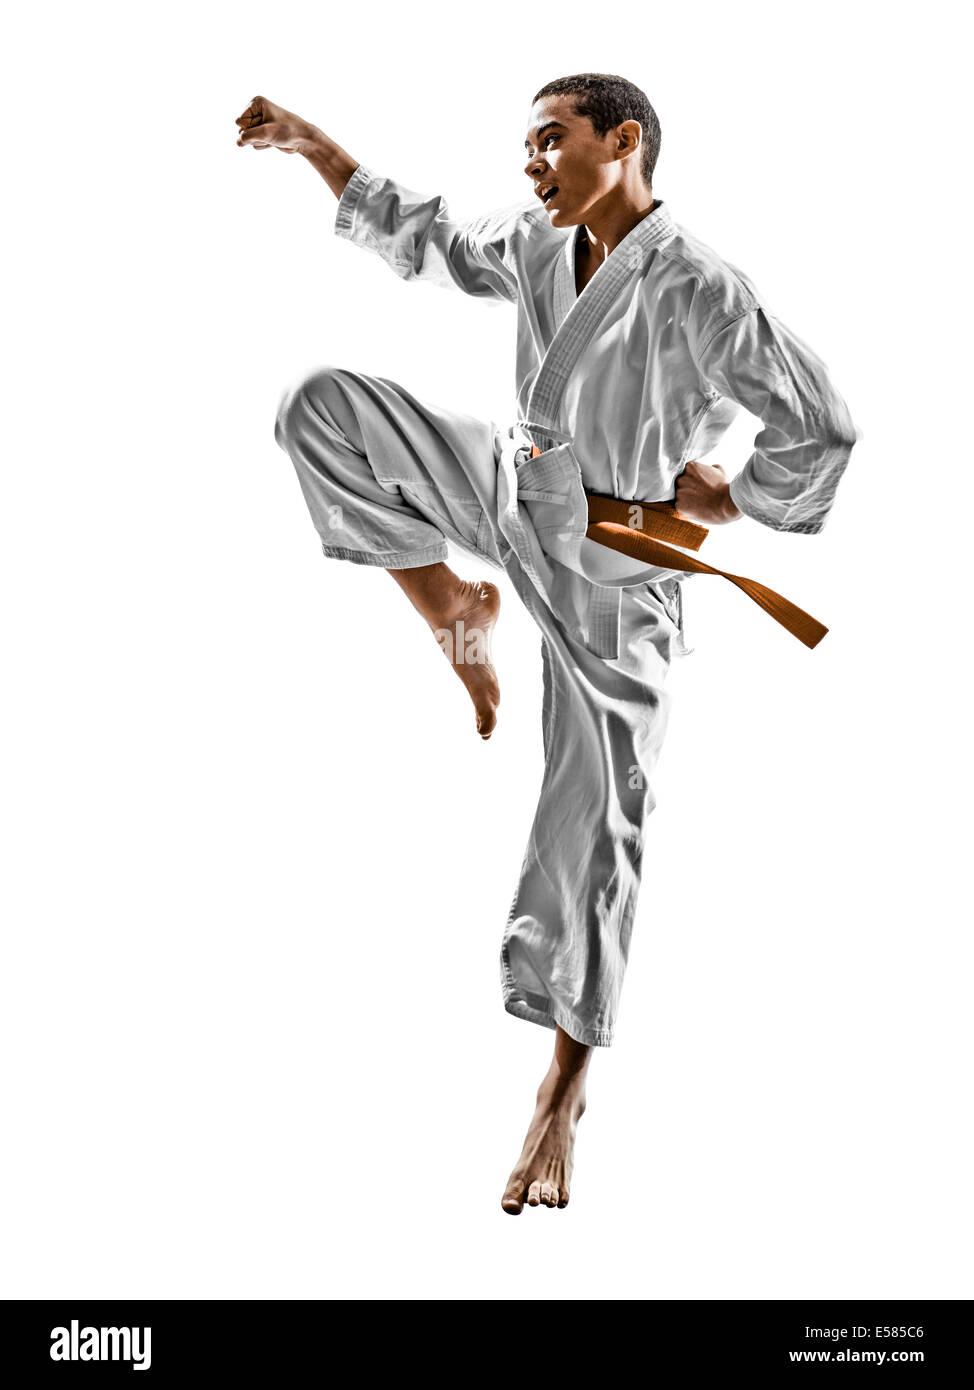 one karate kata training teenagers kid isolated on white background - Stock Image